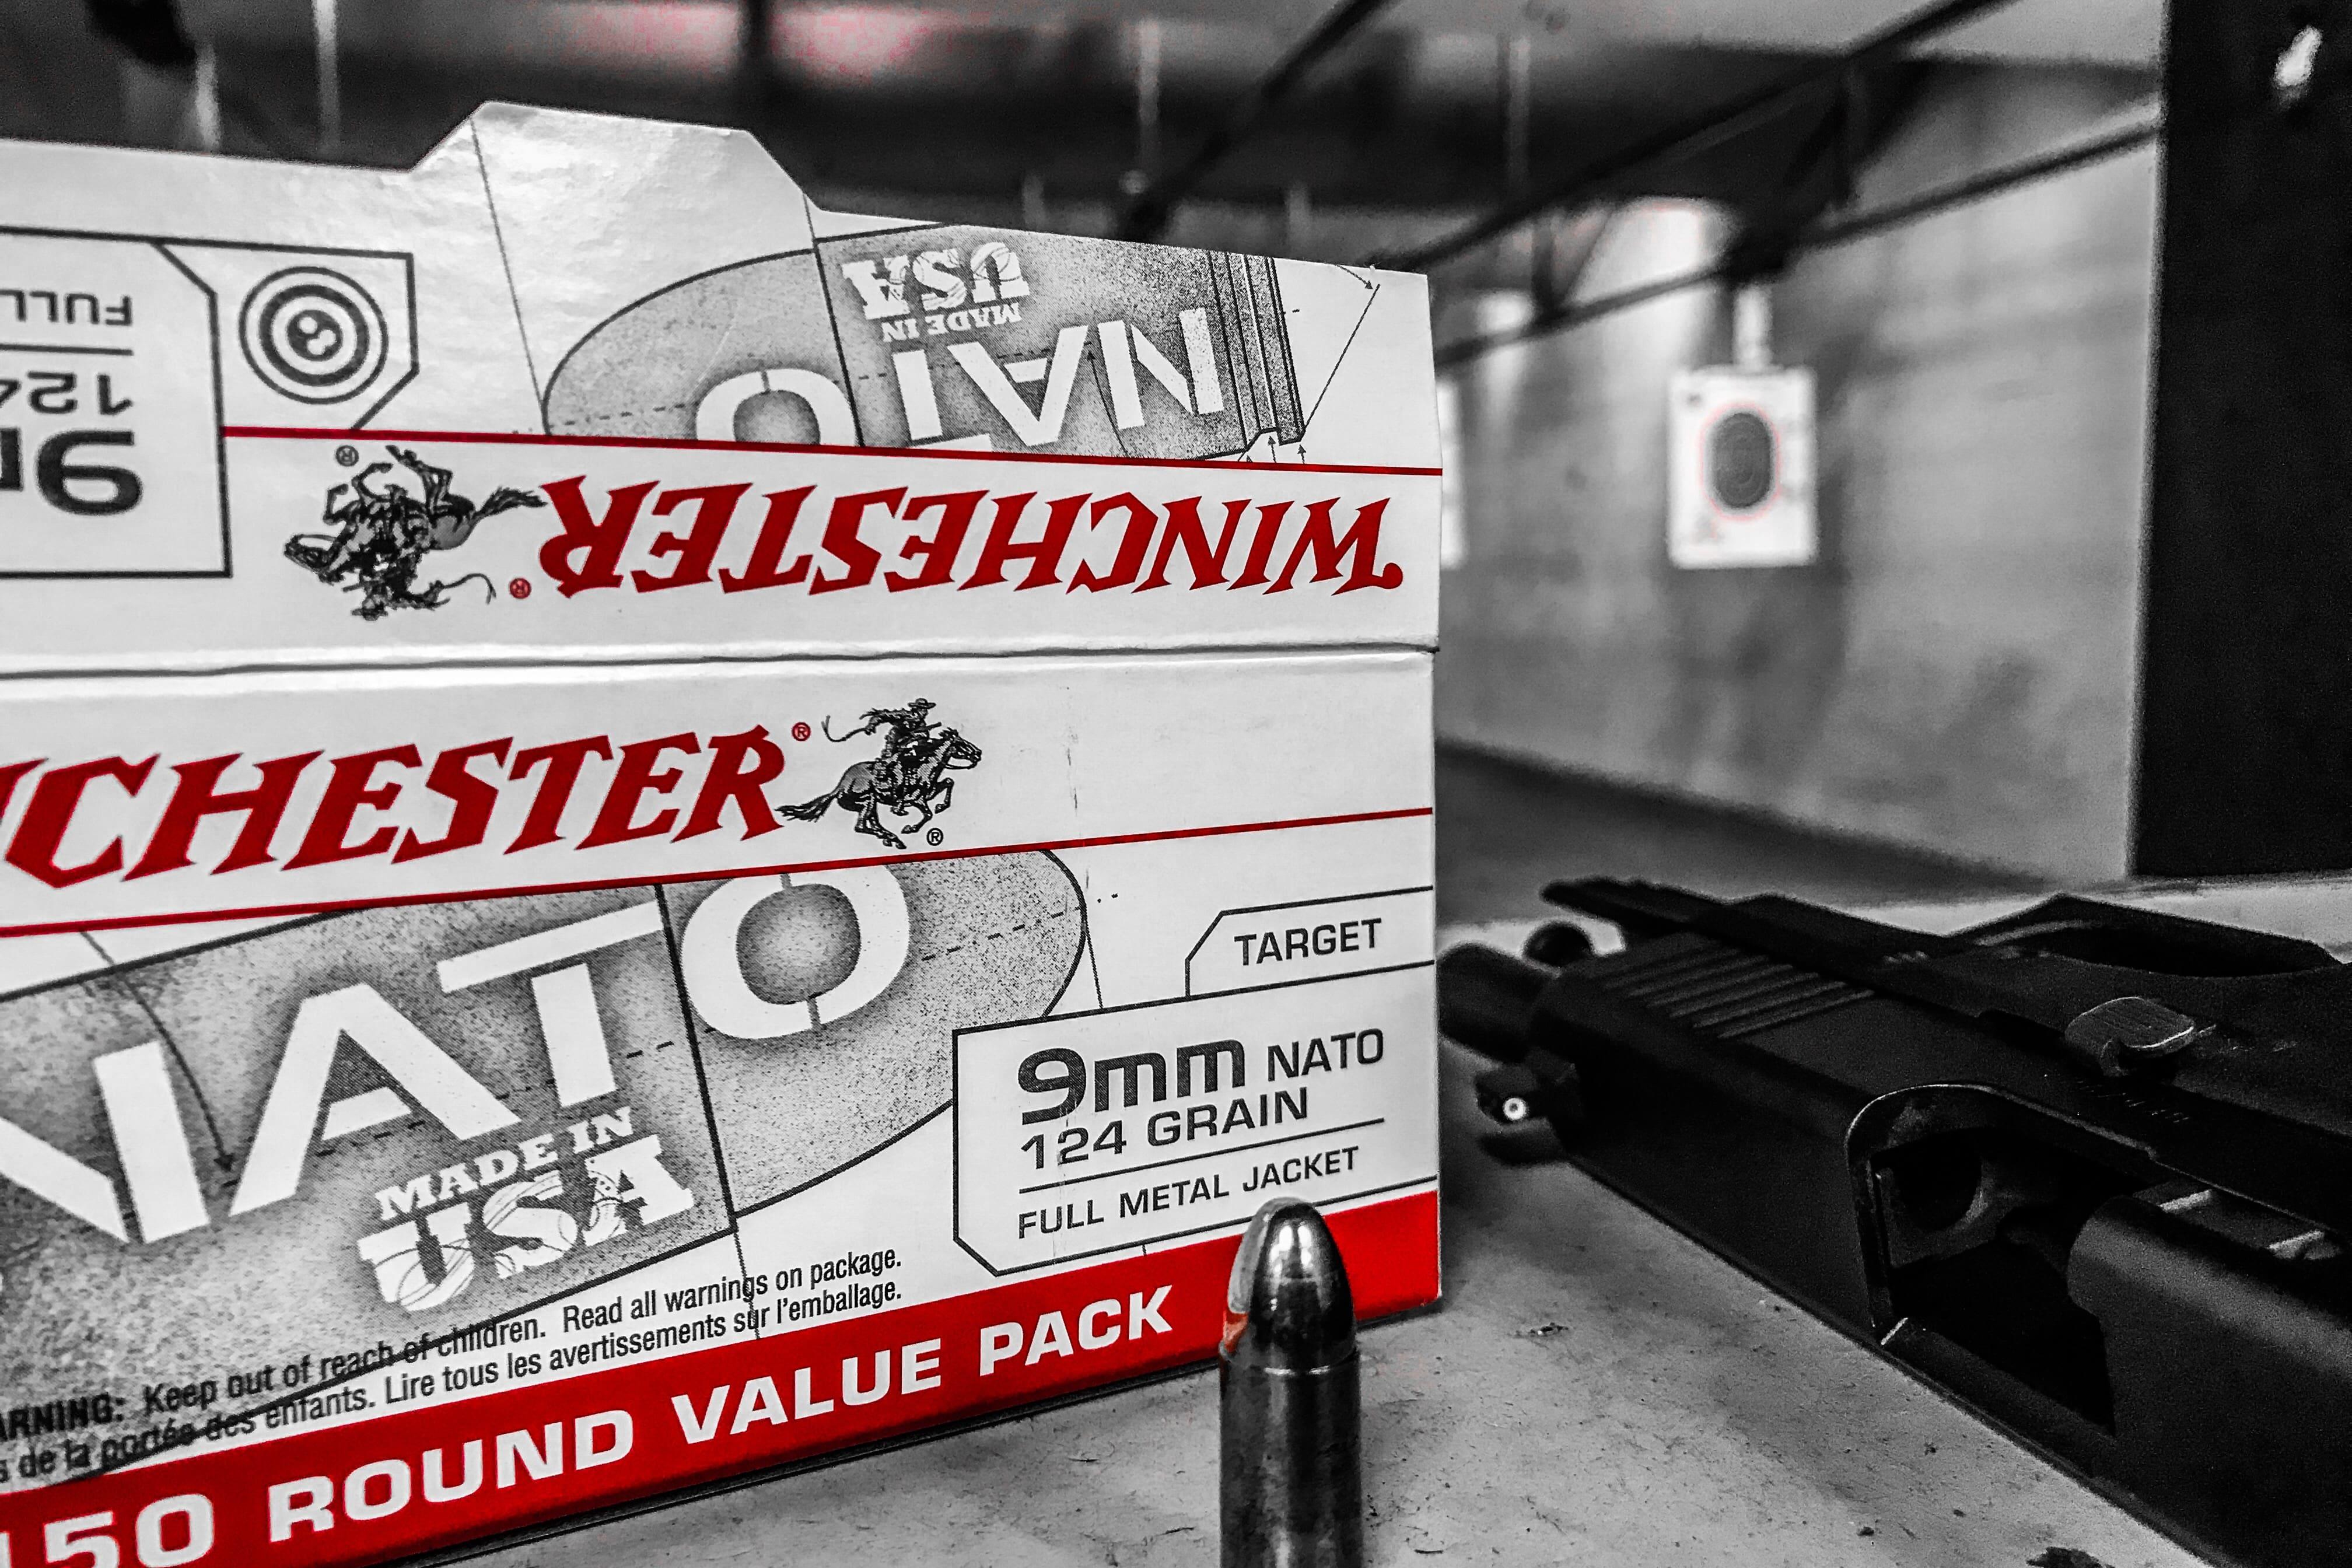 GLOCK 45 9mm and Winchester 9mm NATO 124 Grain